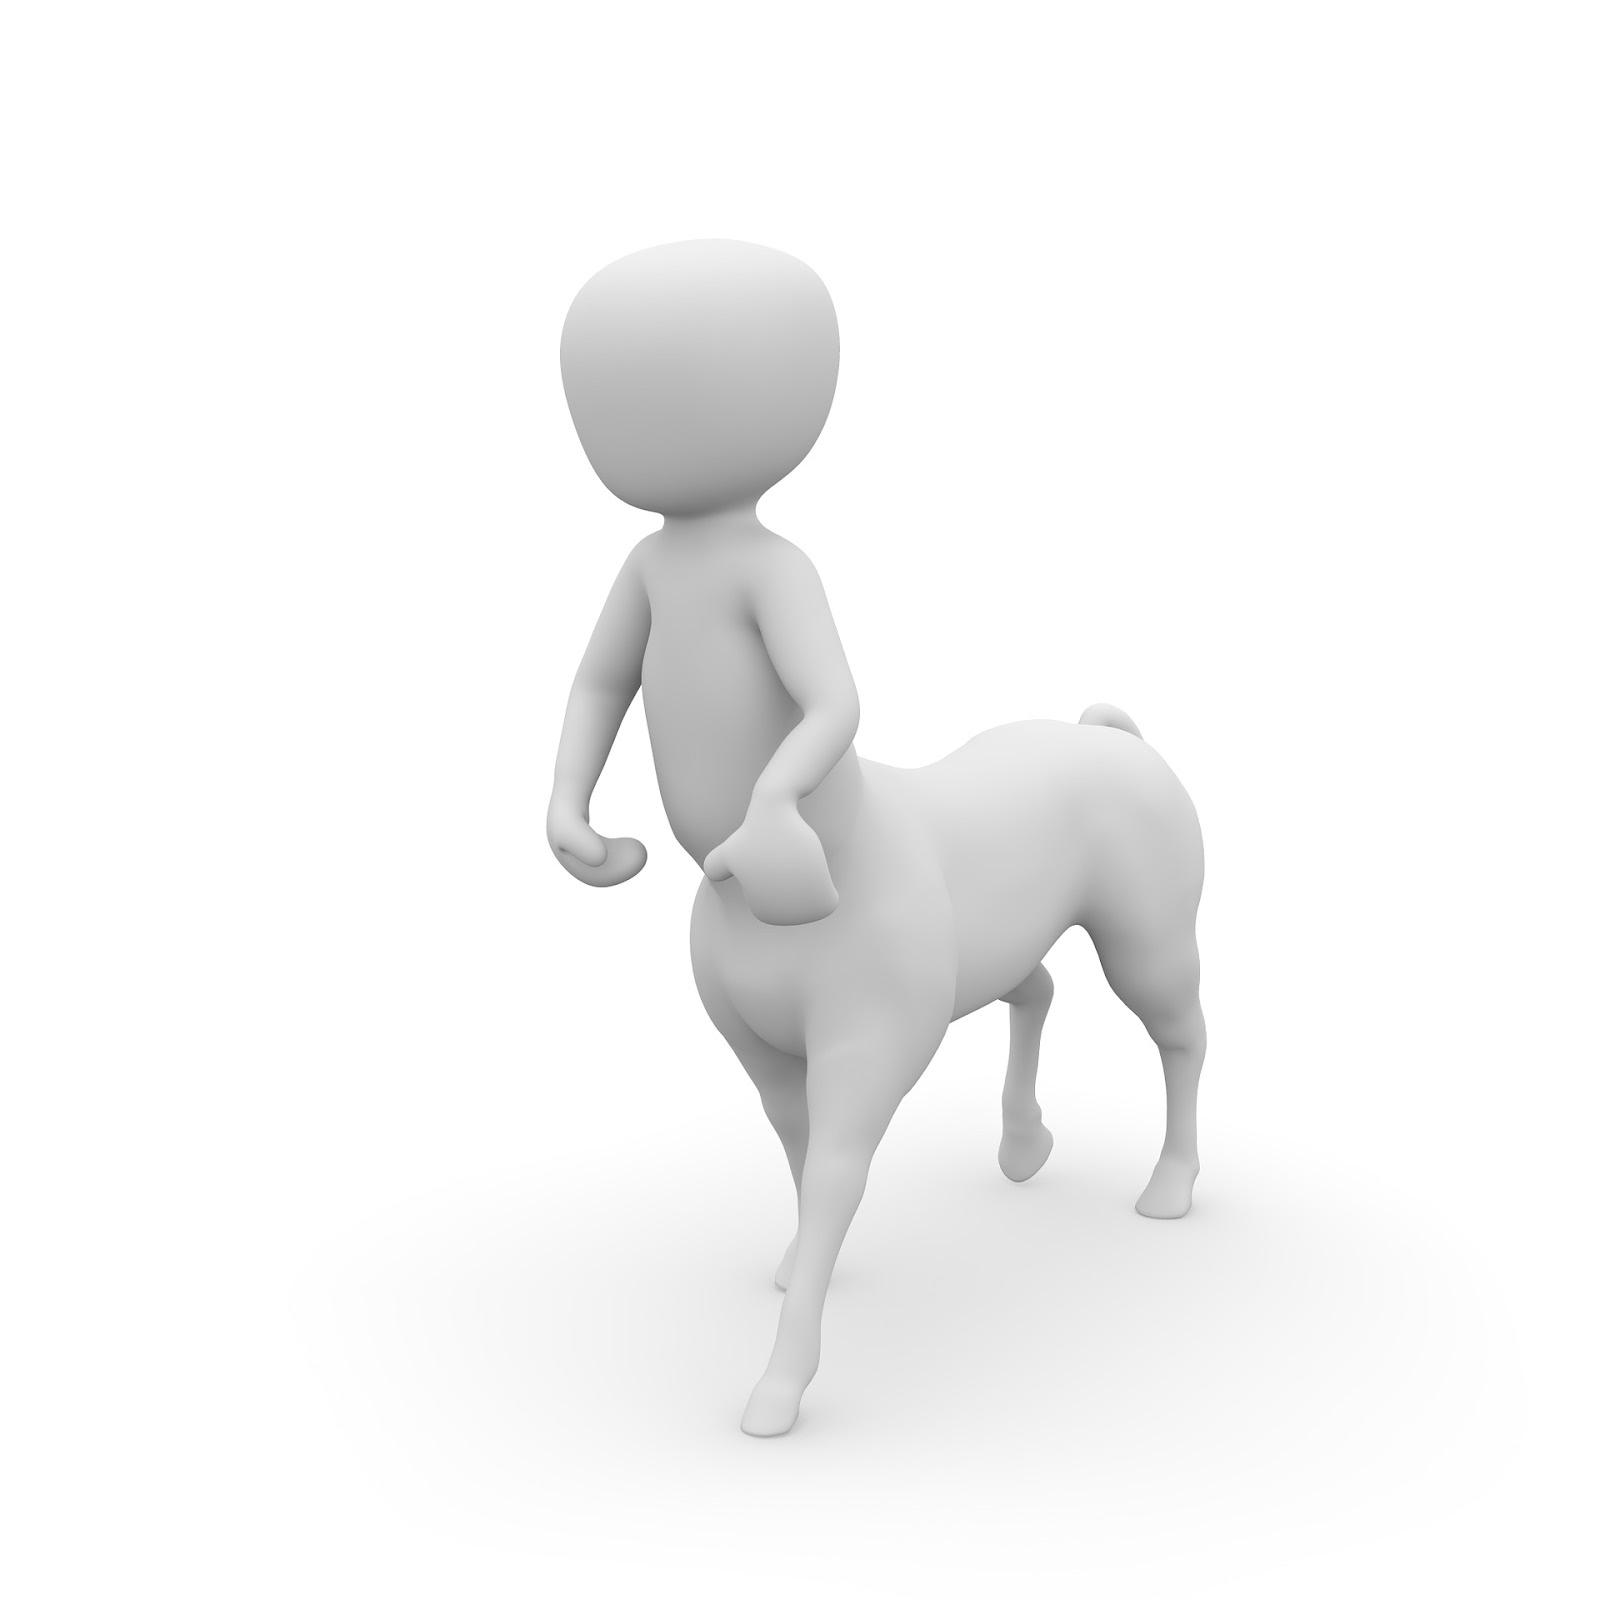 centaur-1027261_1920.jpg